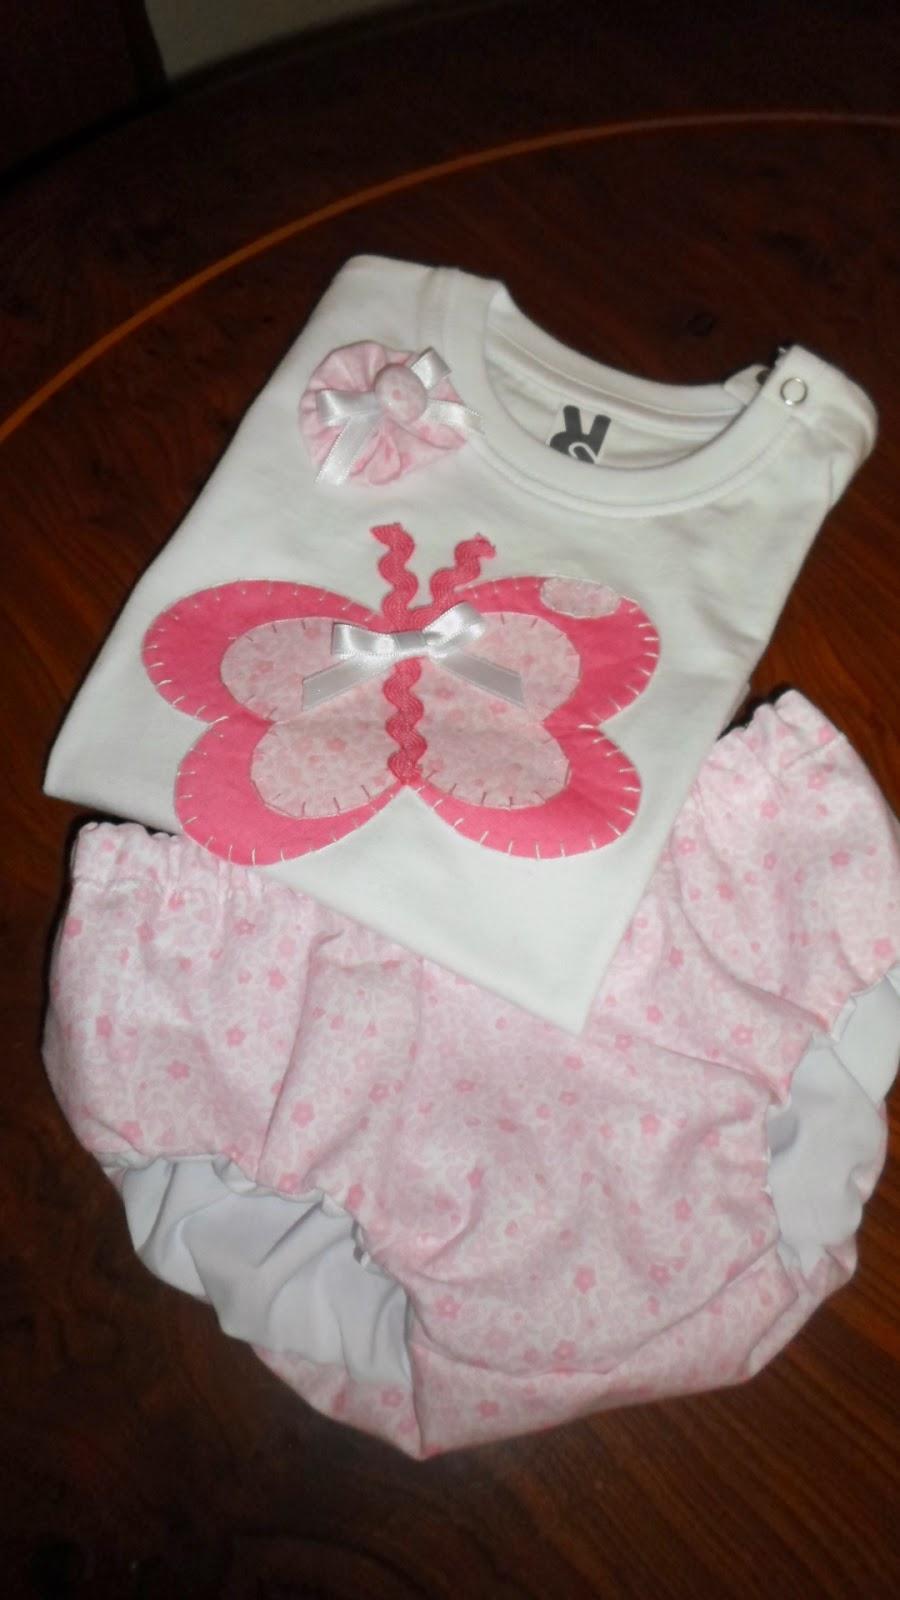 conjunto de camiseta y cubrepañal en rosa y blanco